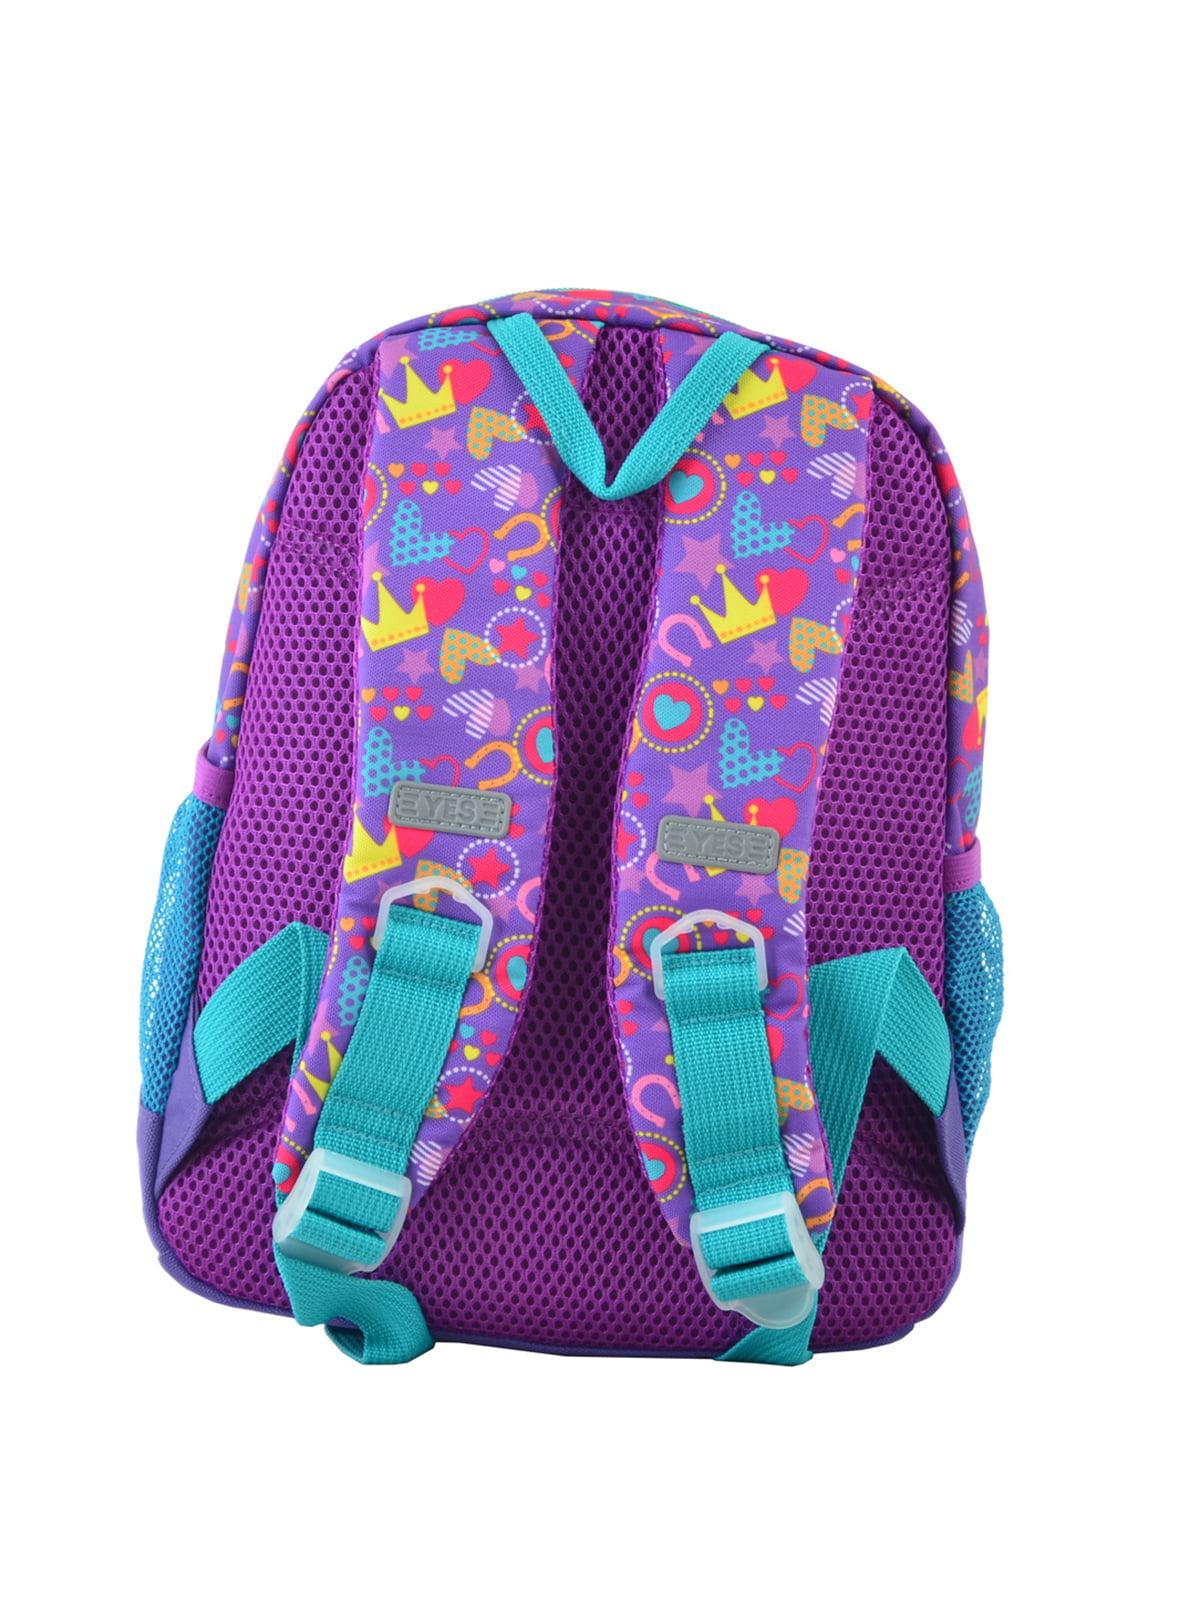 Рюкзак дитячий фіолетовий в принт | 4235676 | фото 4